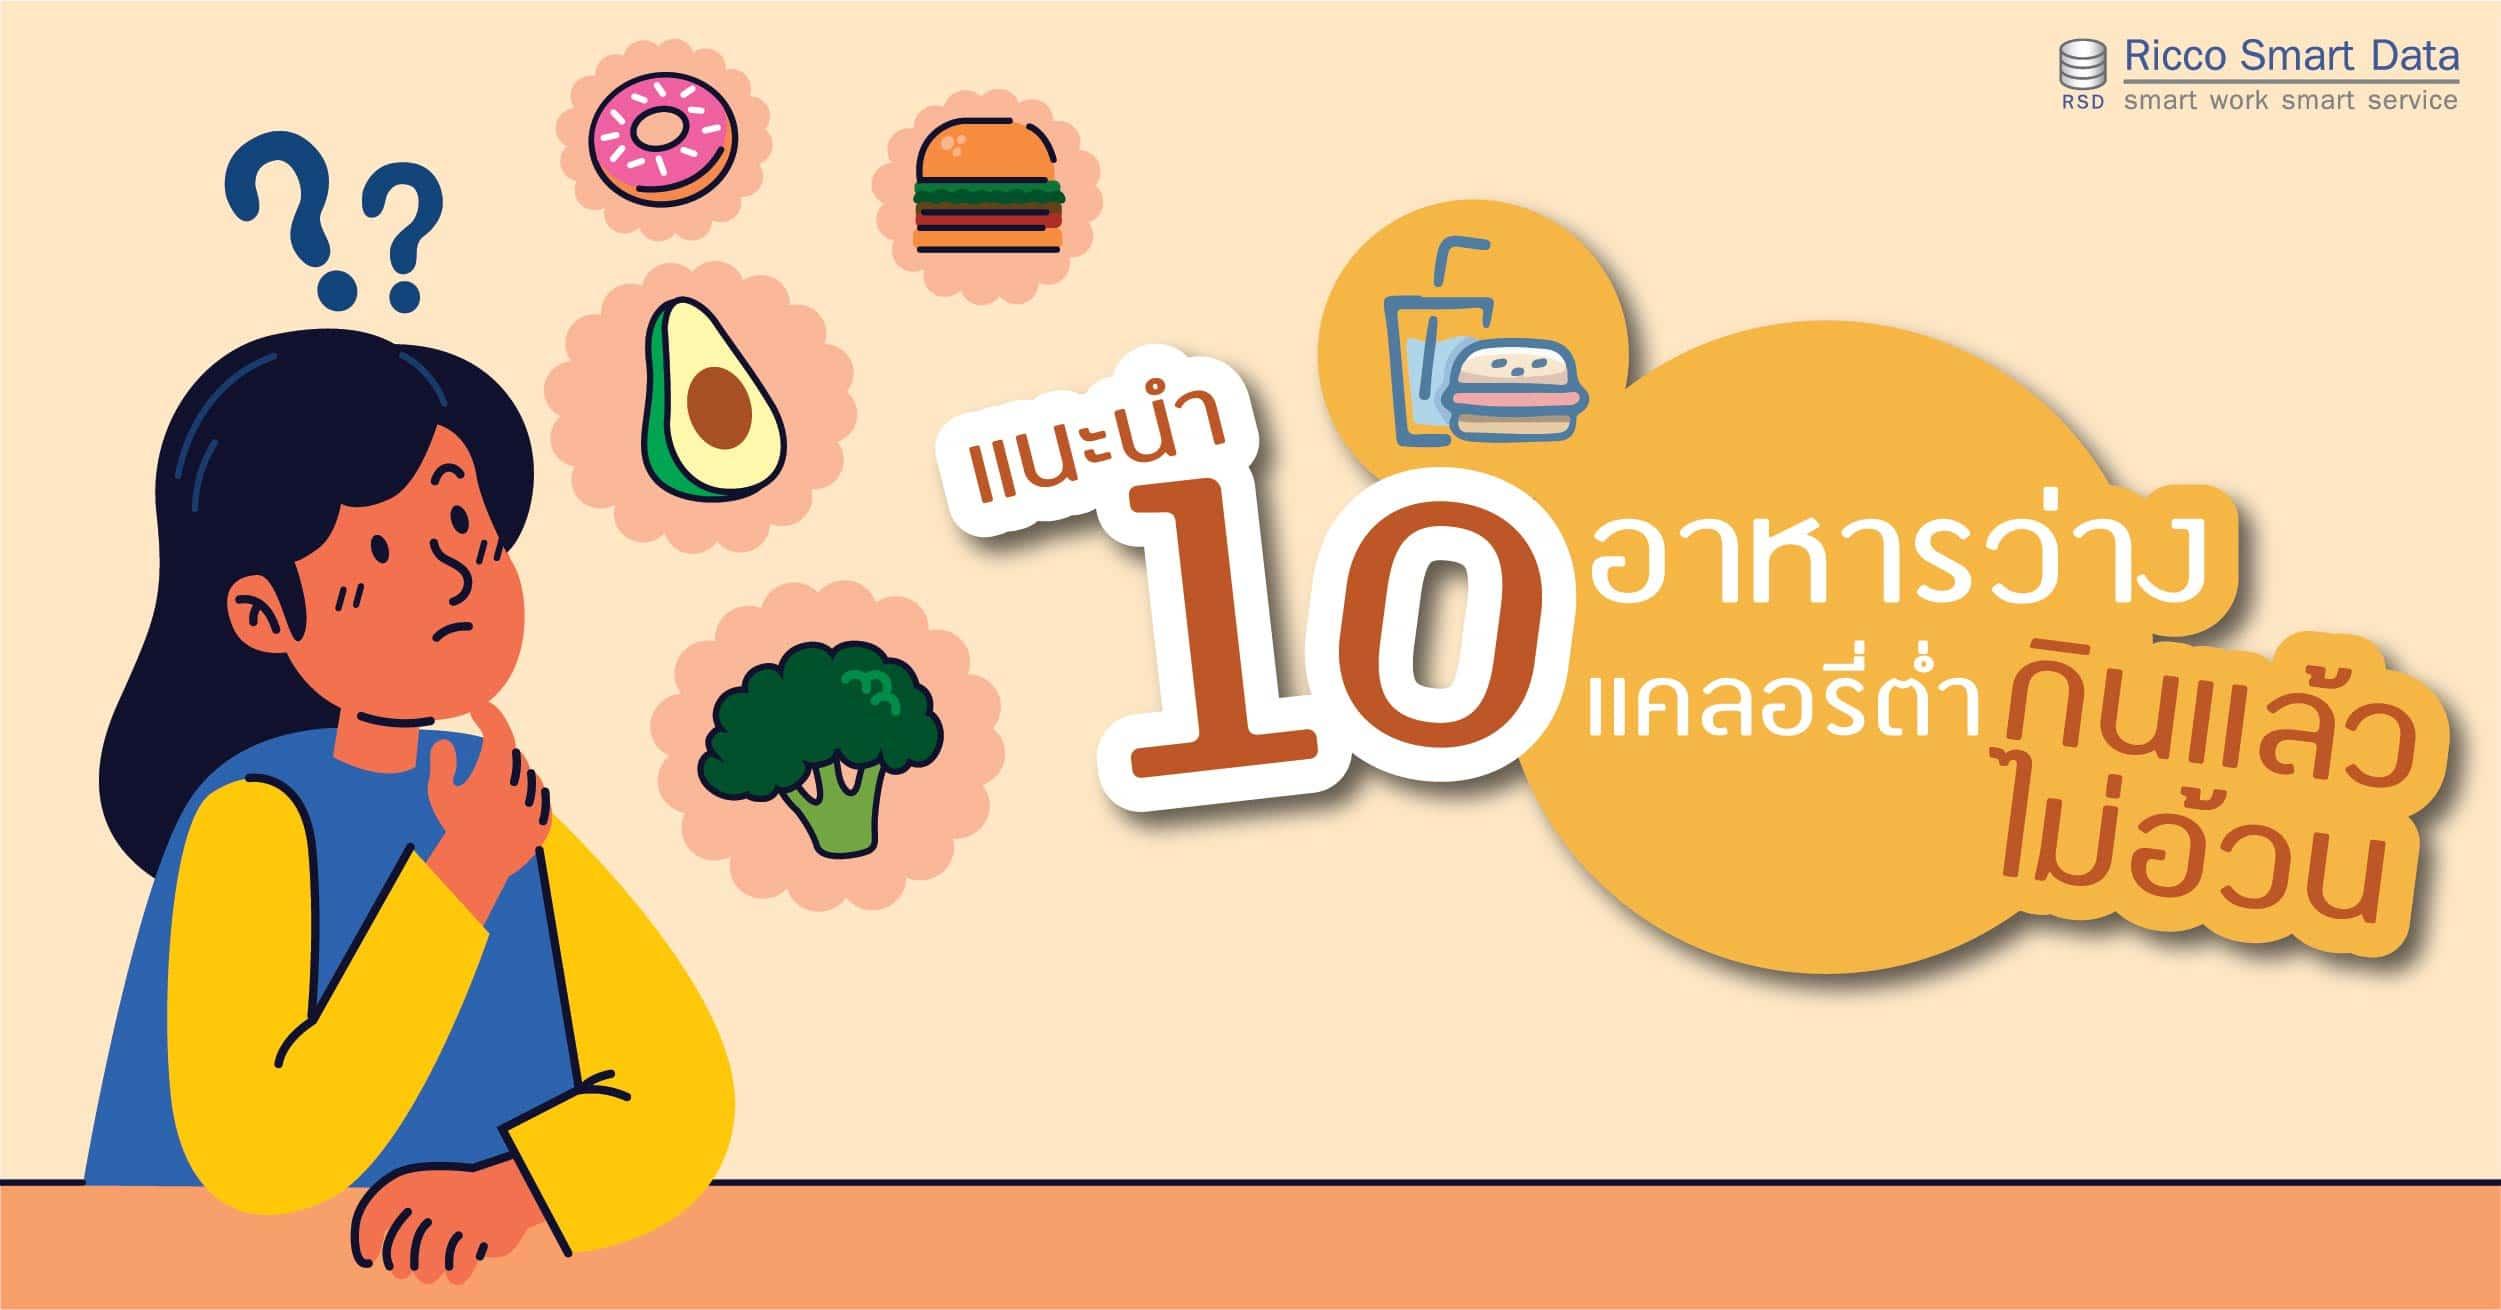 ชื่อรูป: 10 low calorie snacks ประกอบเนื้อหา: แนะนำ 10 อาหารว่าง แคลอรี่ต่ำ กินแล้วไม่อ้วน